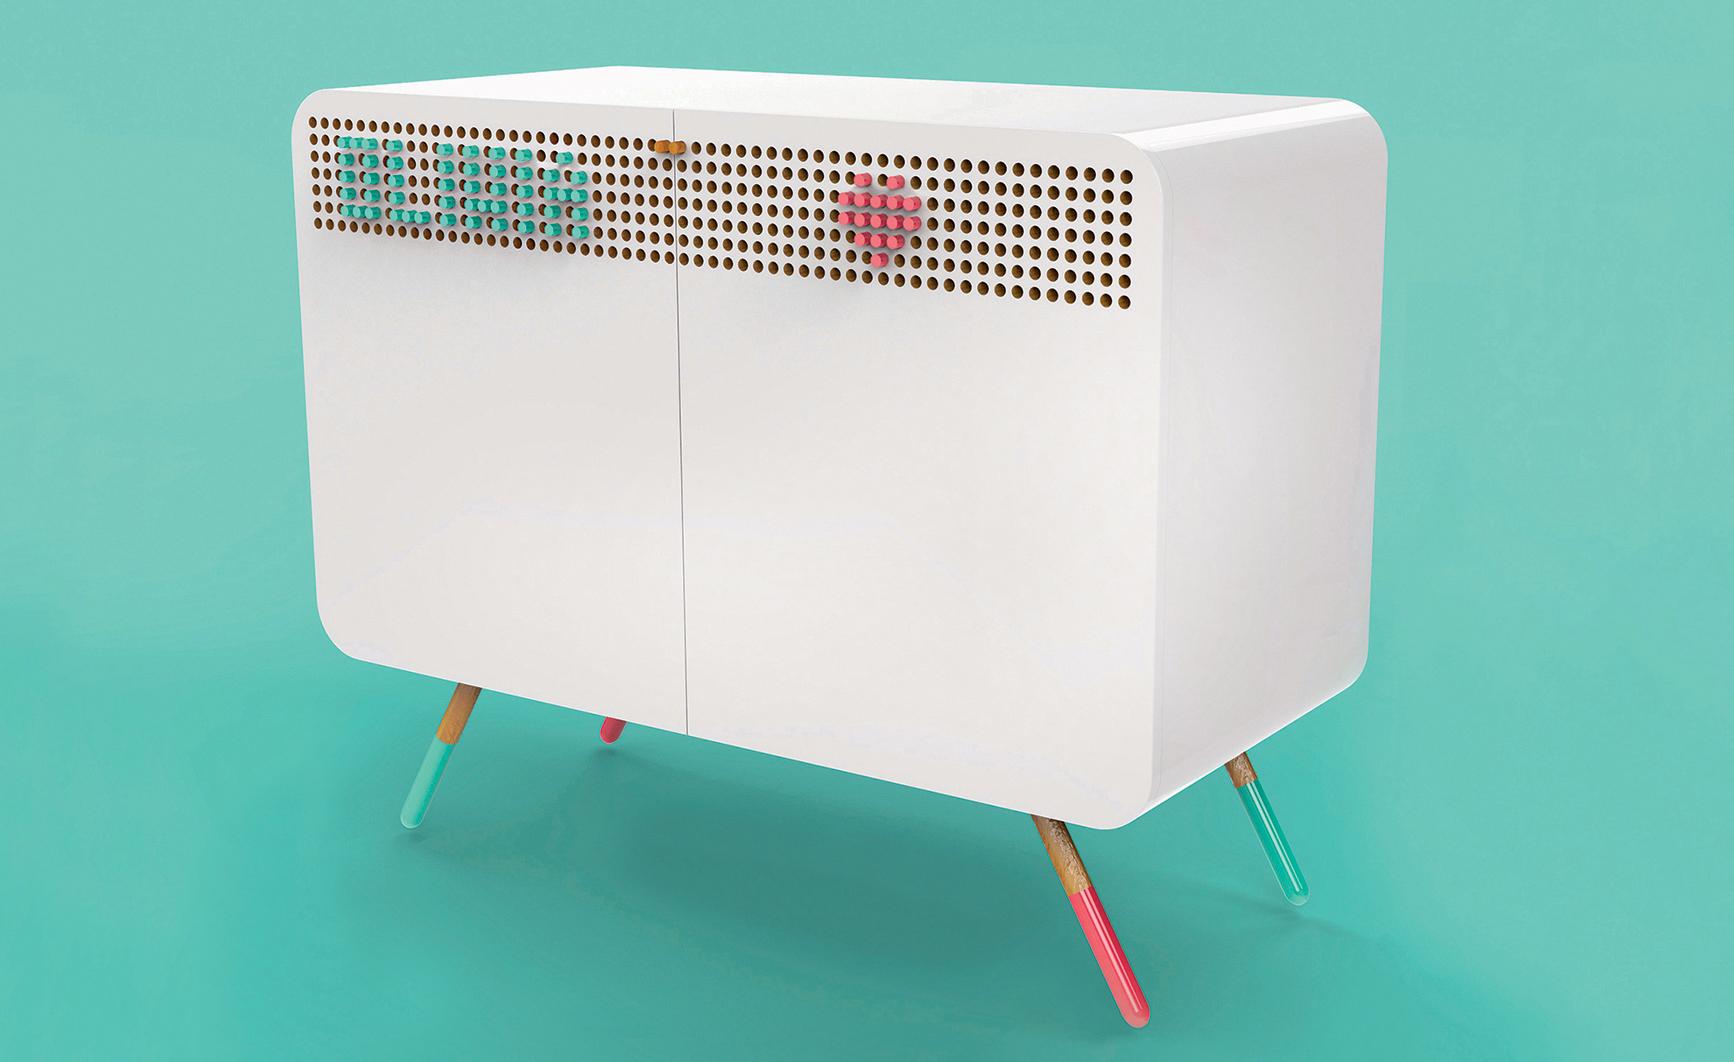 wci-cho-zestaw-mebli-dziecięcych-pawlowska-design-2